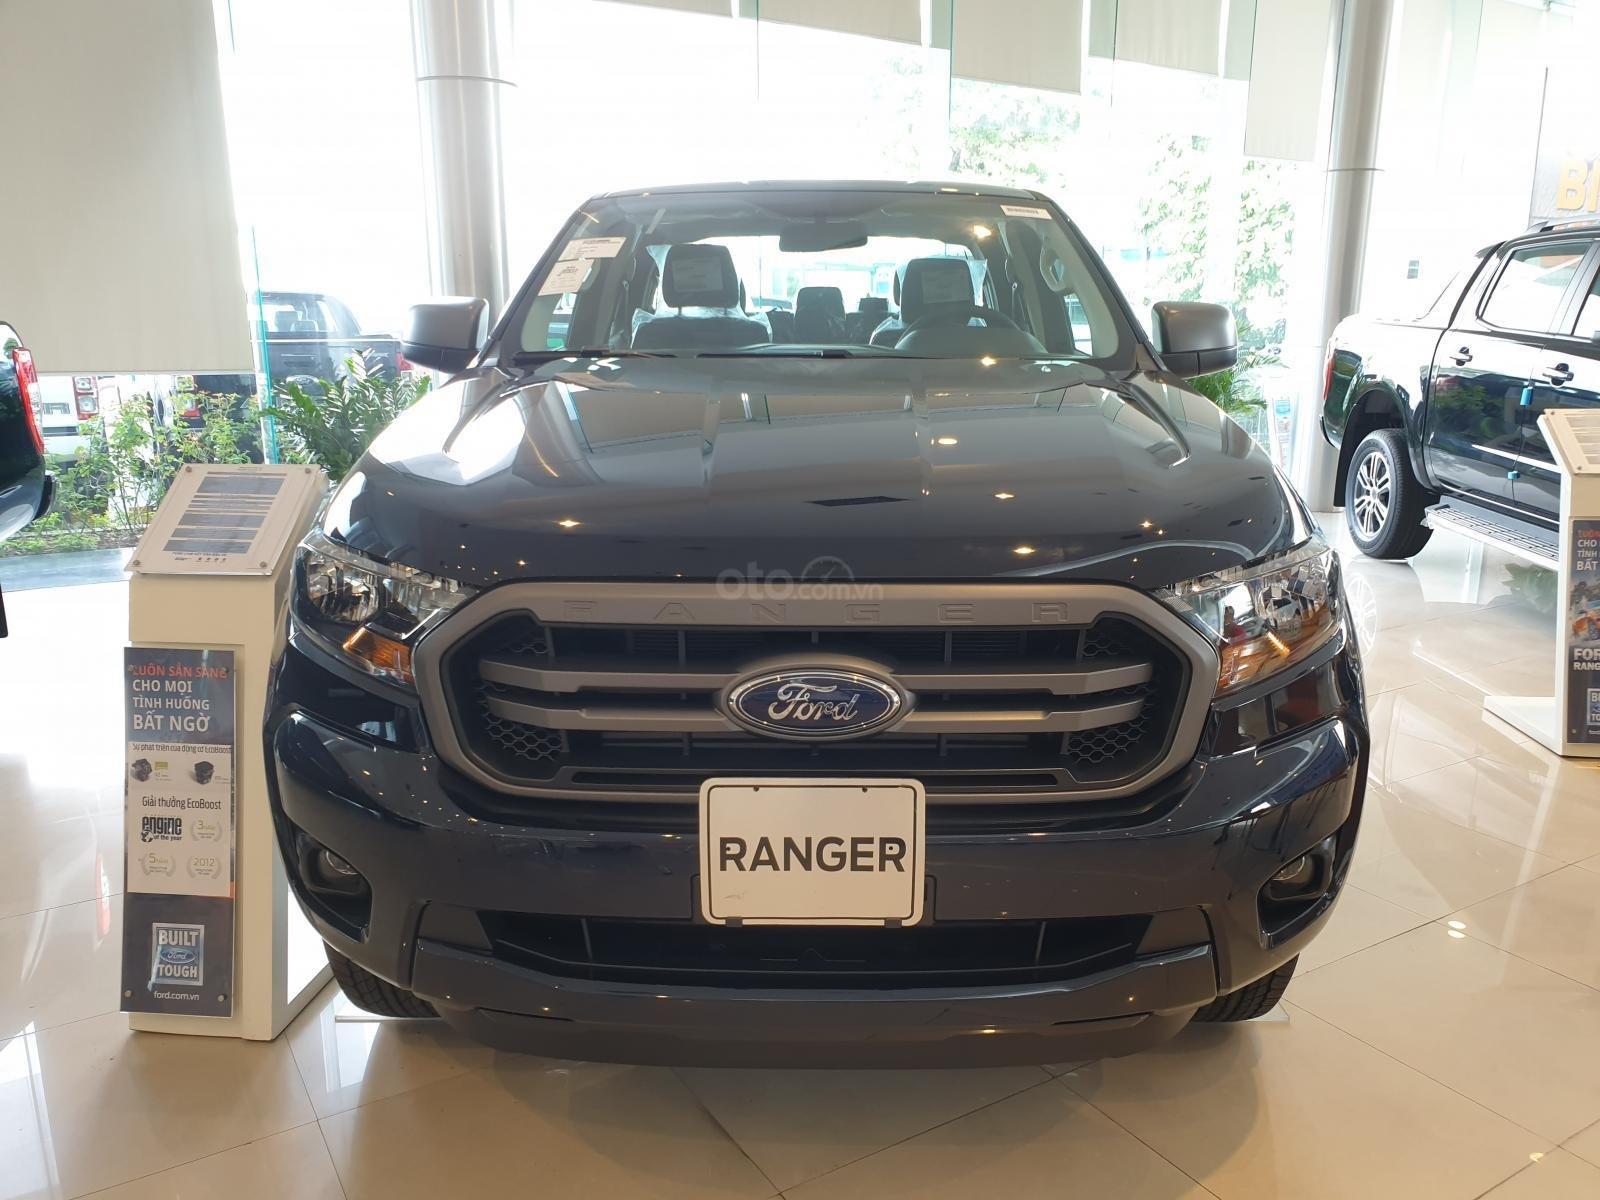 Ranger XLS AT, MT 2020 đủ màu, giao xe ngay, hỗ trợ trả góp 80% (1)